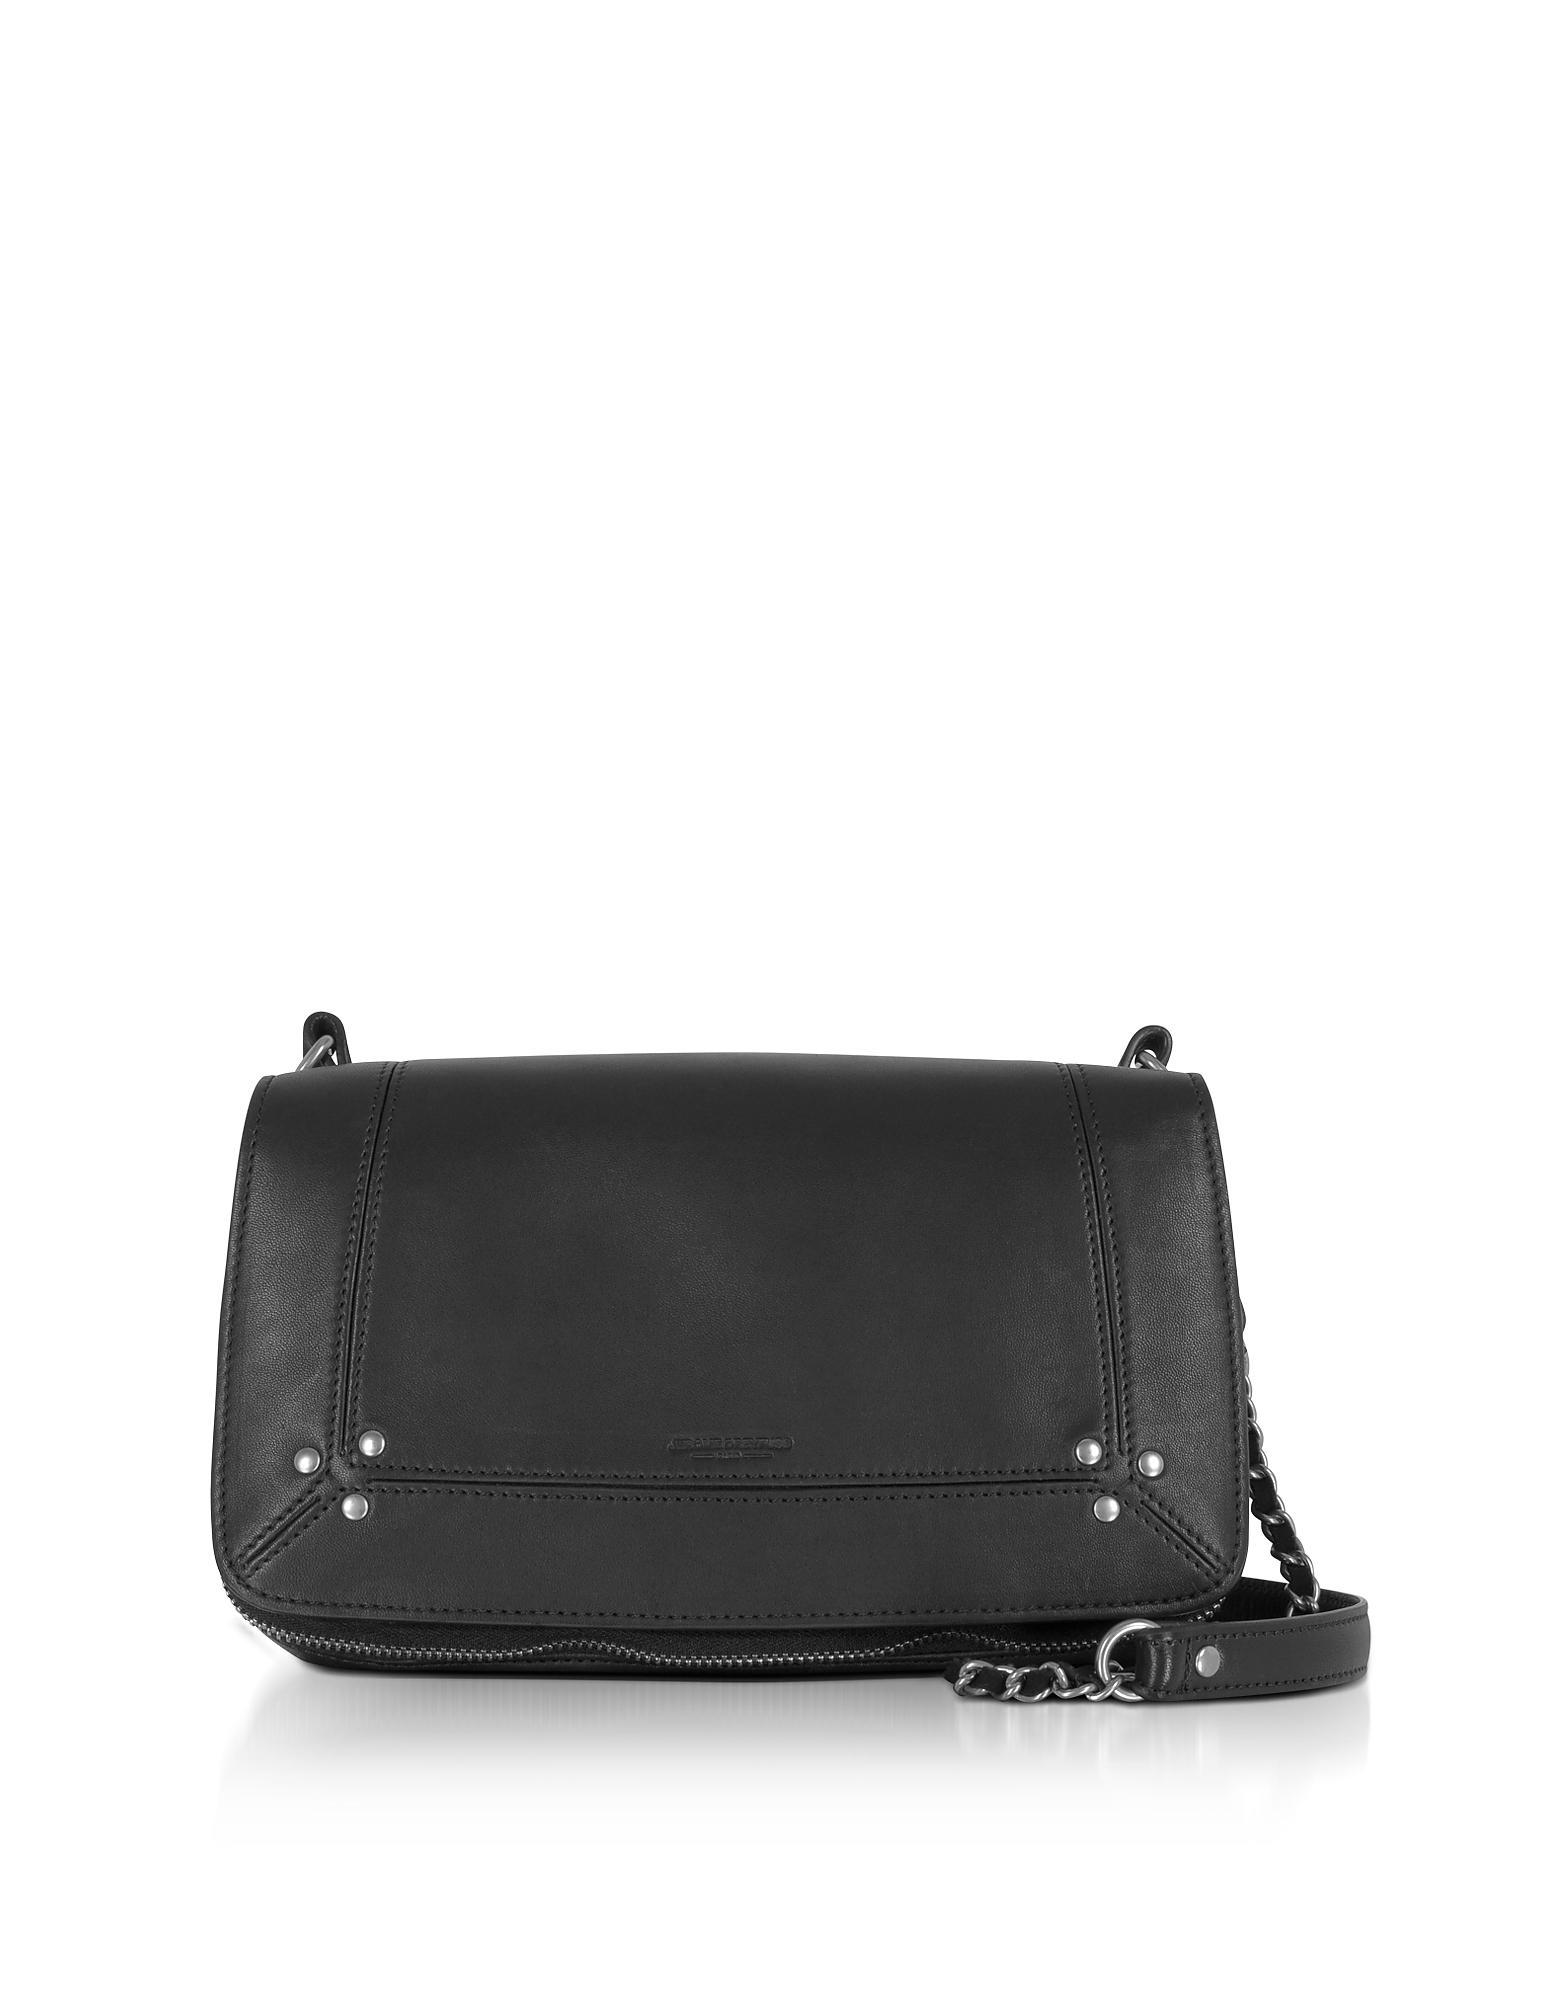 Jerome Dreyfuss Handbags, Bobi Black Leather Shoulder Bag